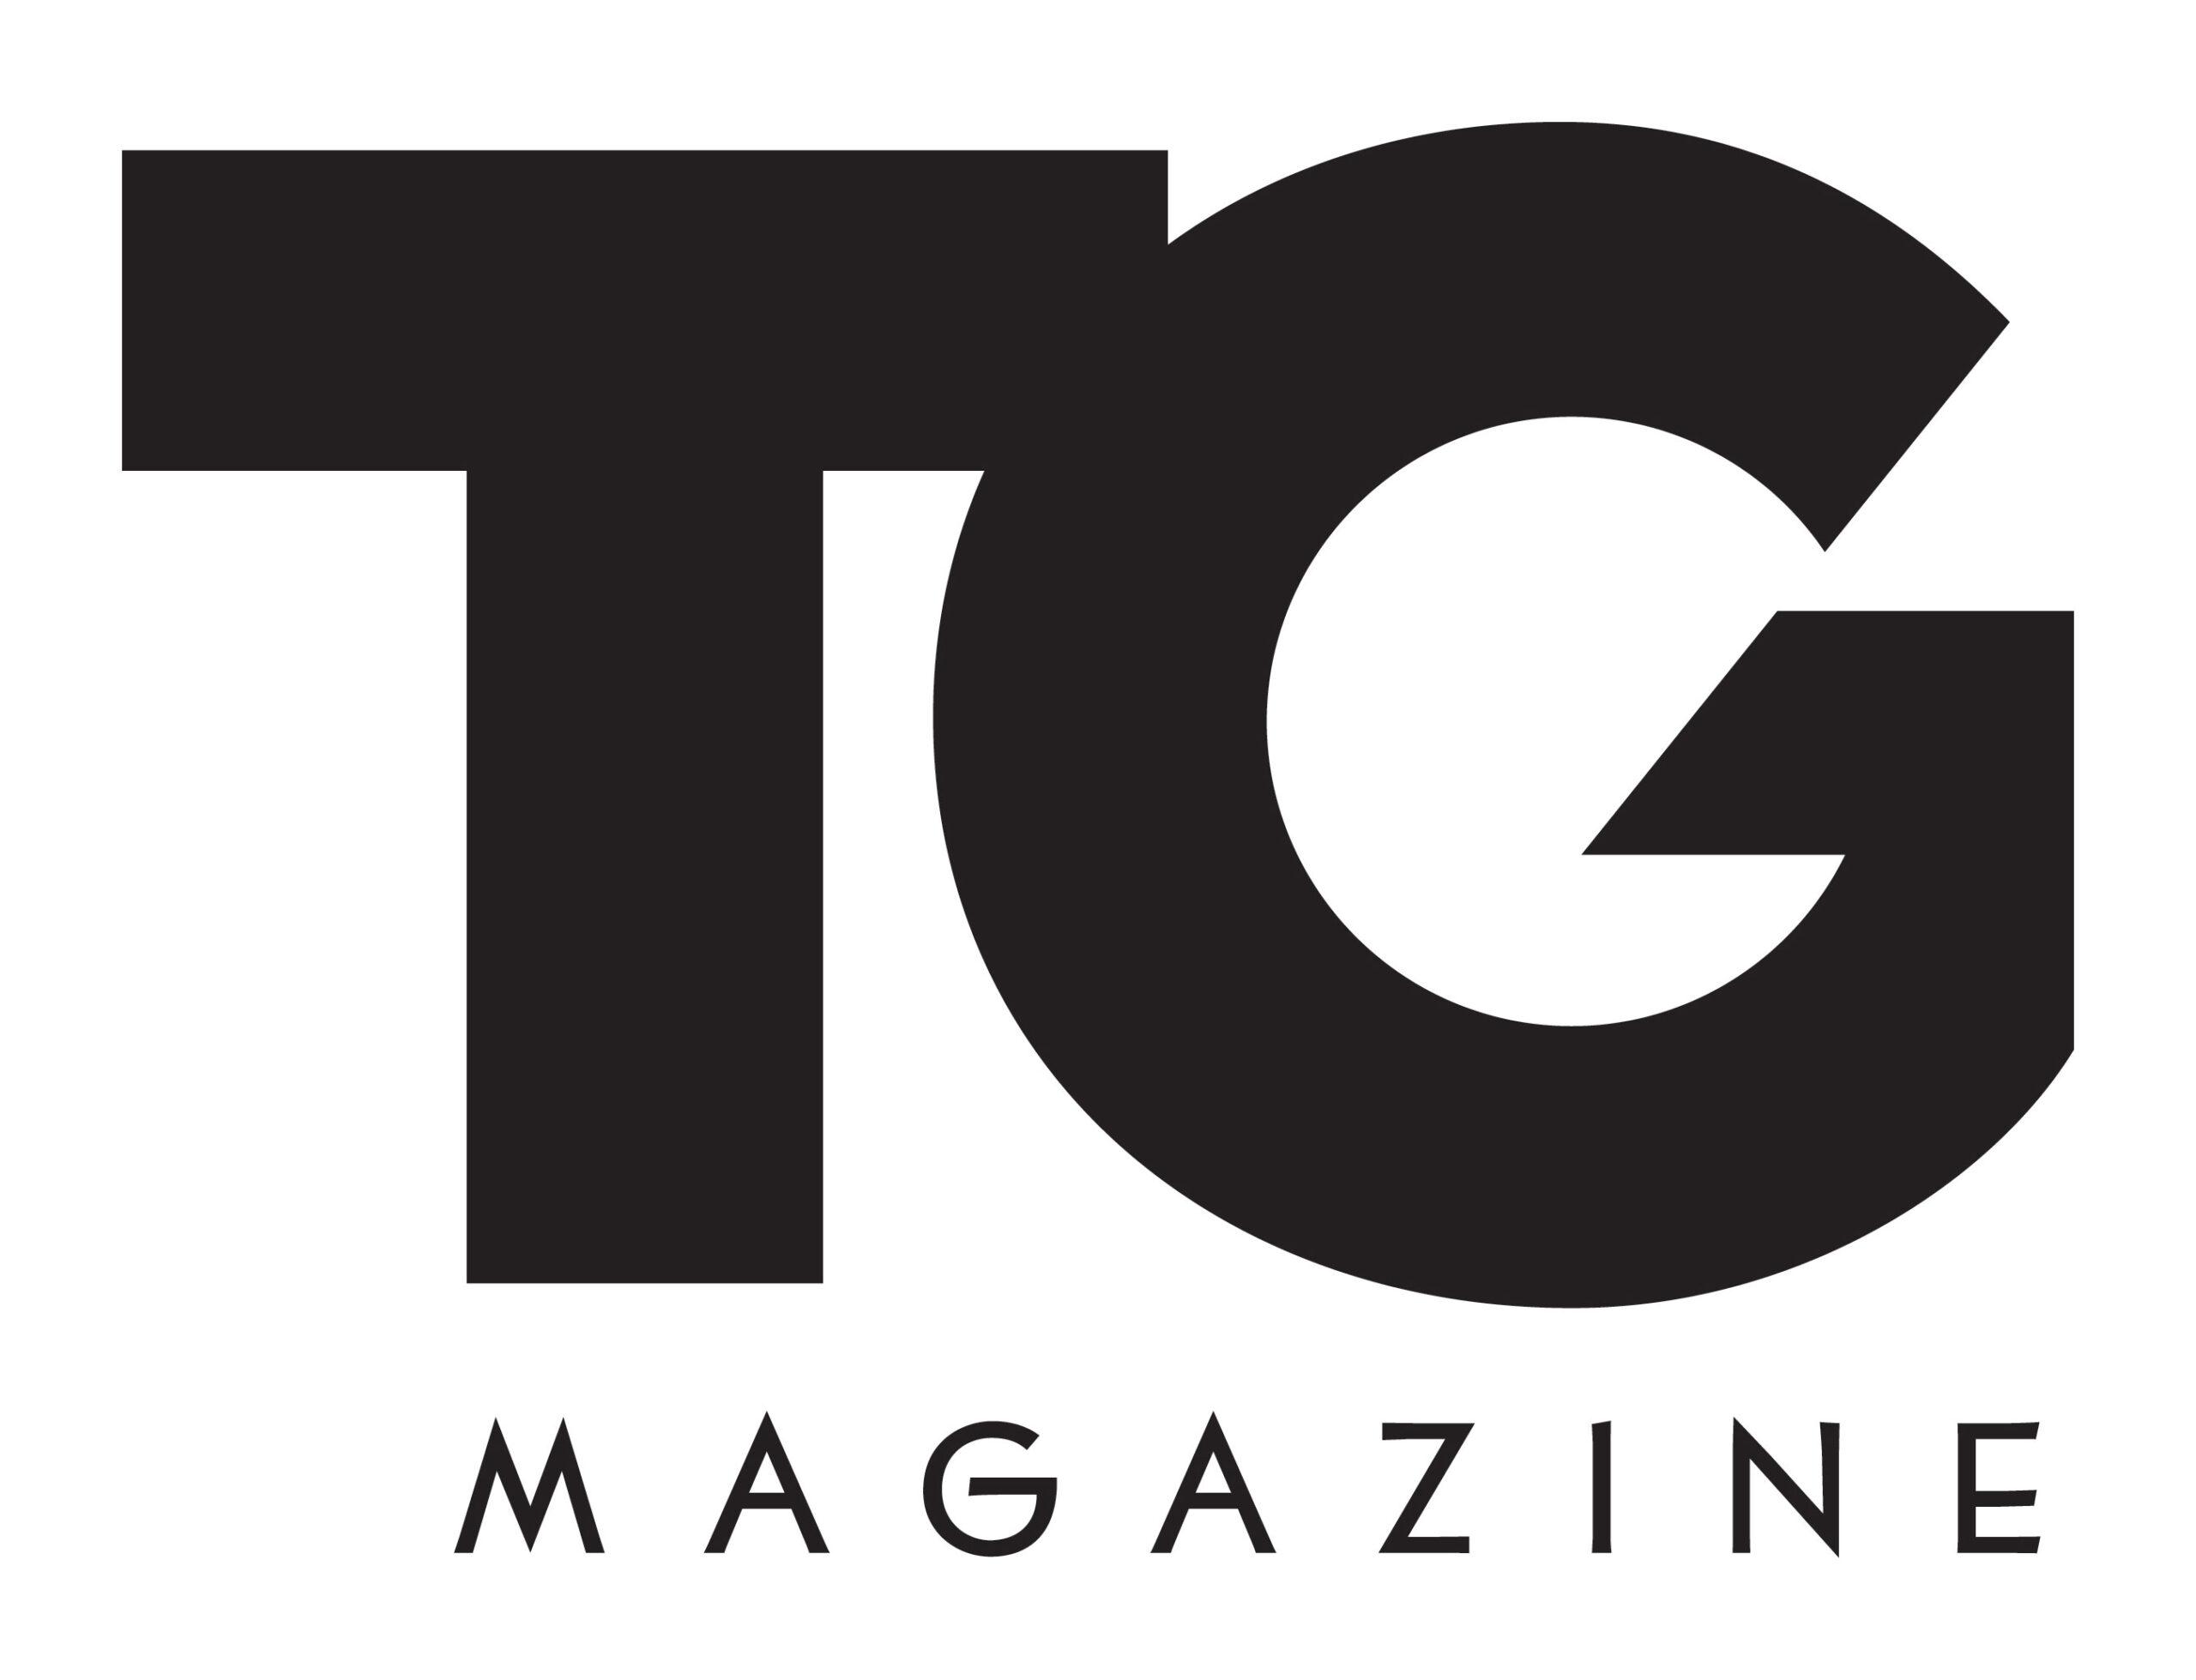 TG-Magazine-Logo-2-scaled